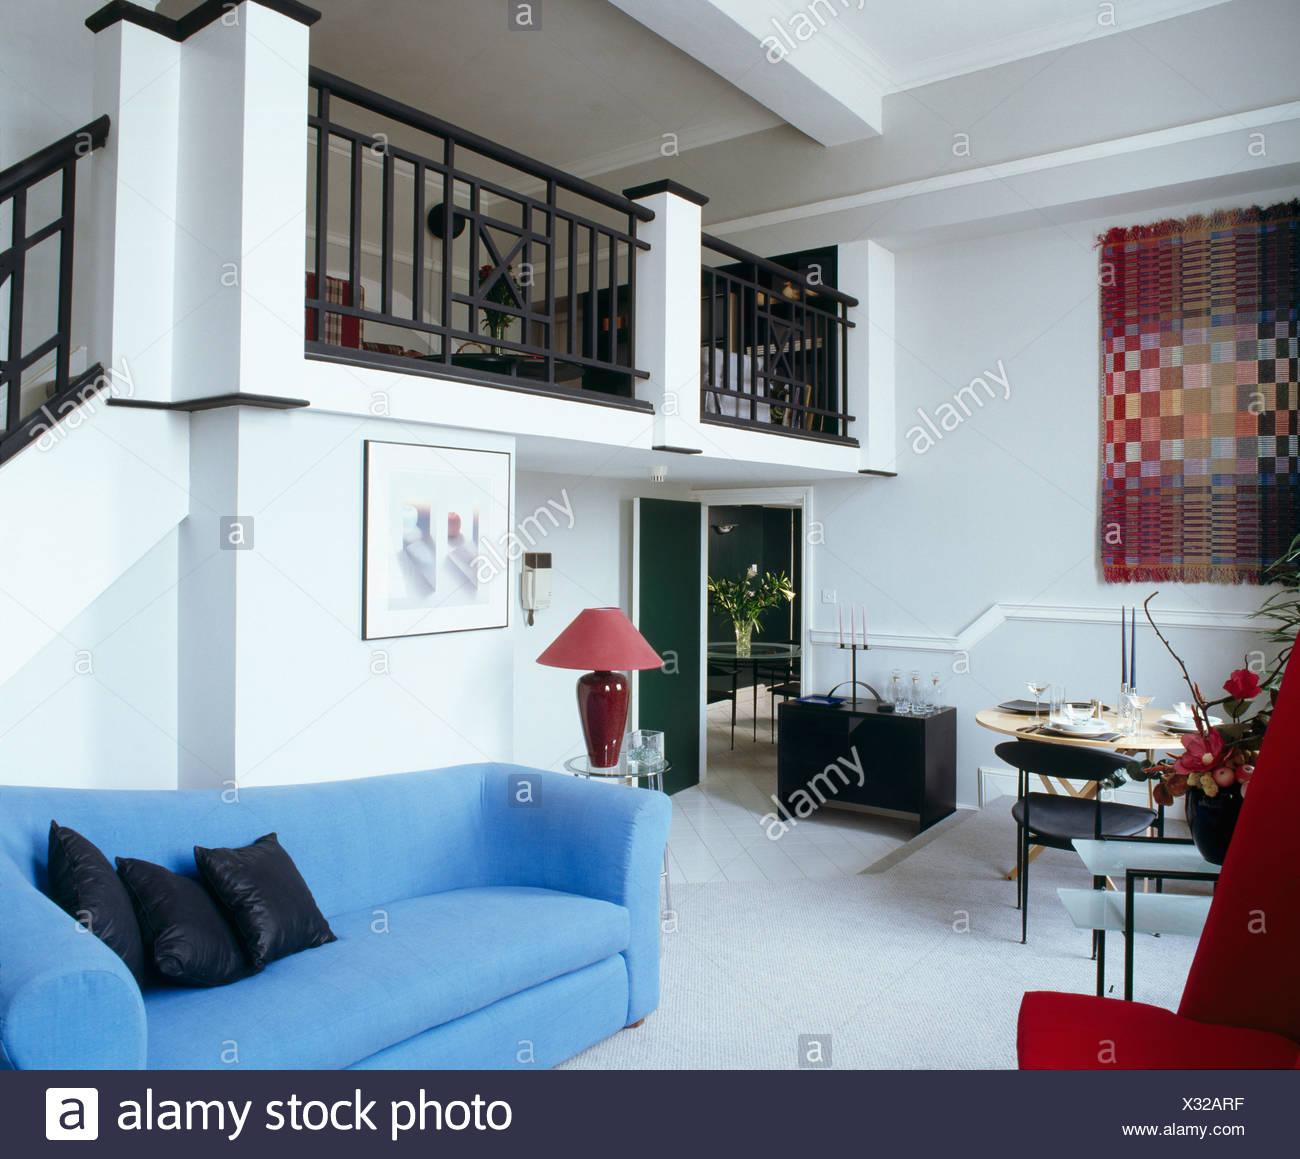 Moderne blaue Sofa im offenen Wohn / Esszimmer mit Mezzanine Galerie ...